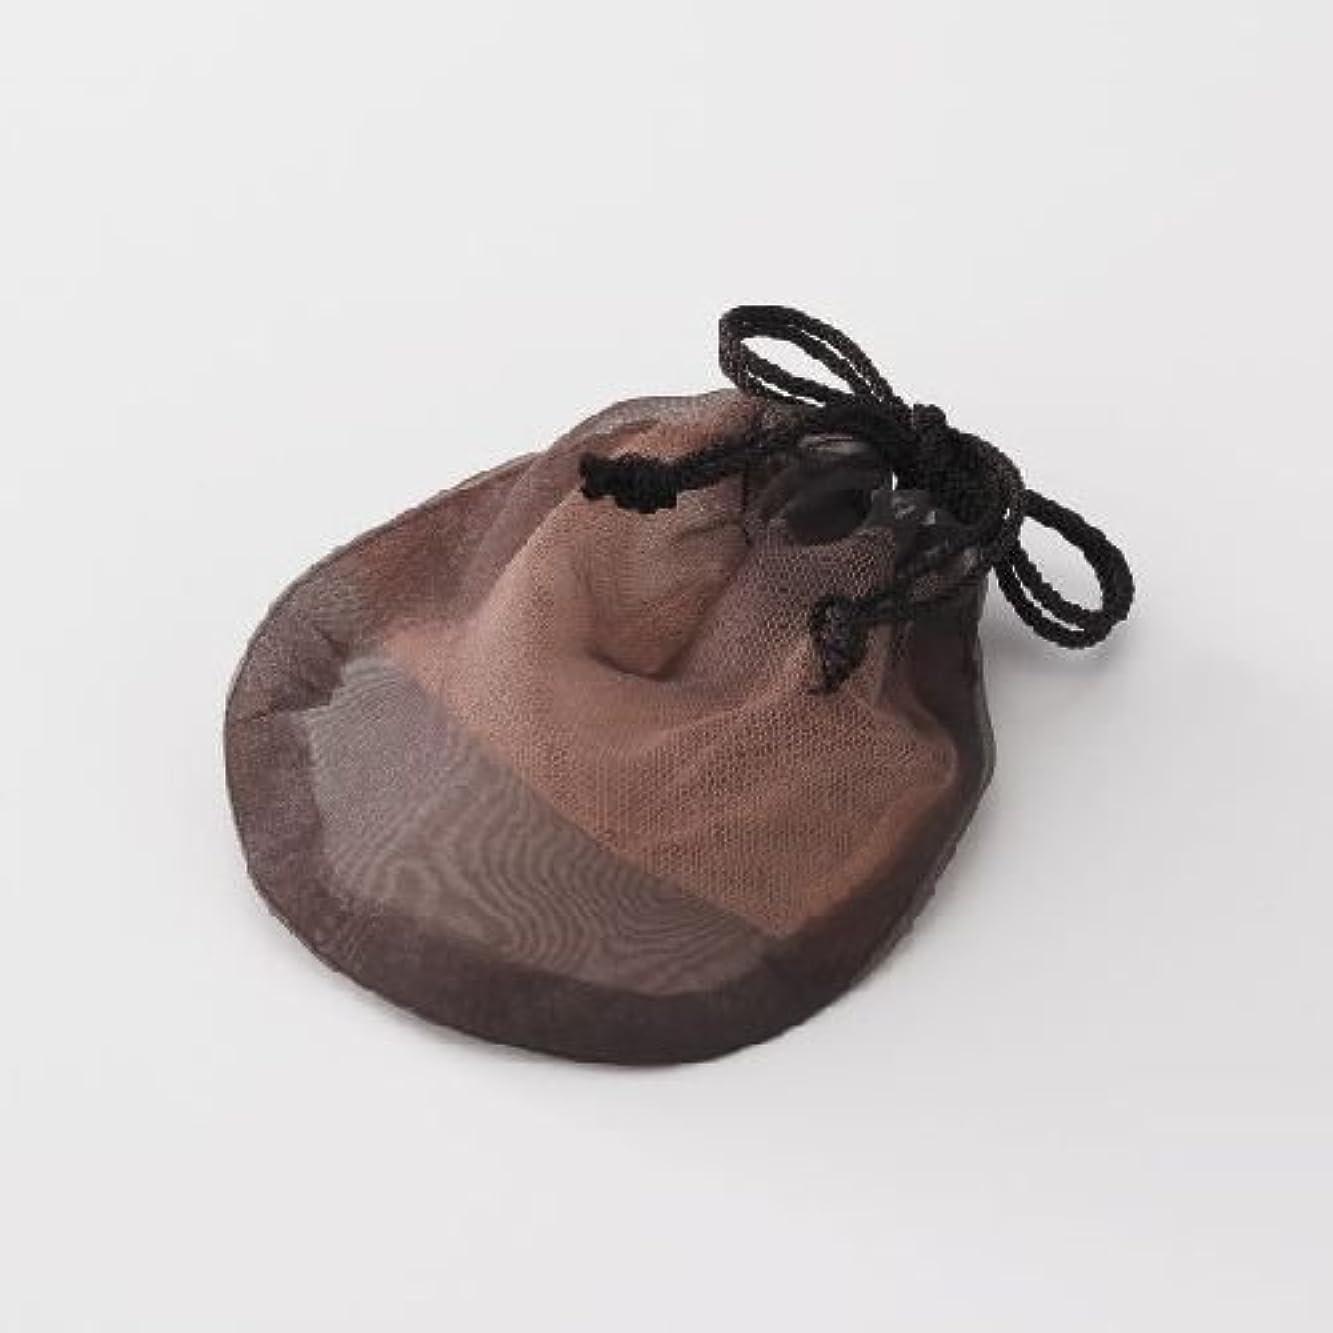 アイザック同級生化合物ピギーバックス ソープネット 瞬時にマシュマロのようなお肌に負担をかけないキメ細かな泡をつくることができるオシャレなポーチ型オリジナル【泡だてネット】!衛生的に固形石鹸の保存もできます。